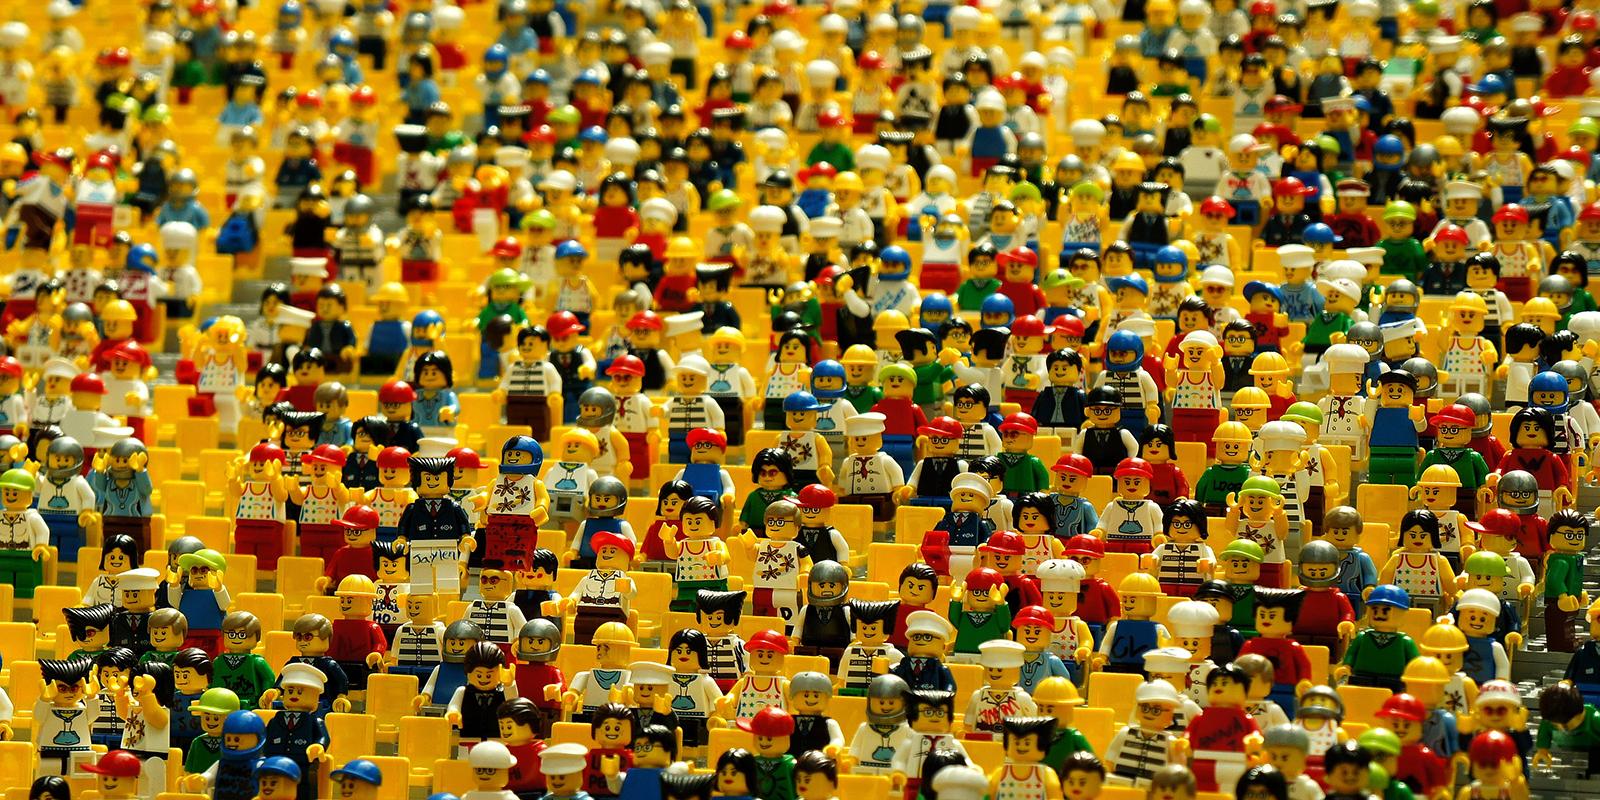 Image: Lego community